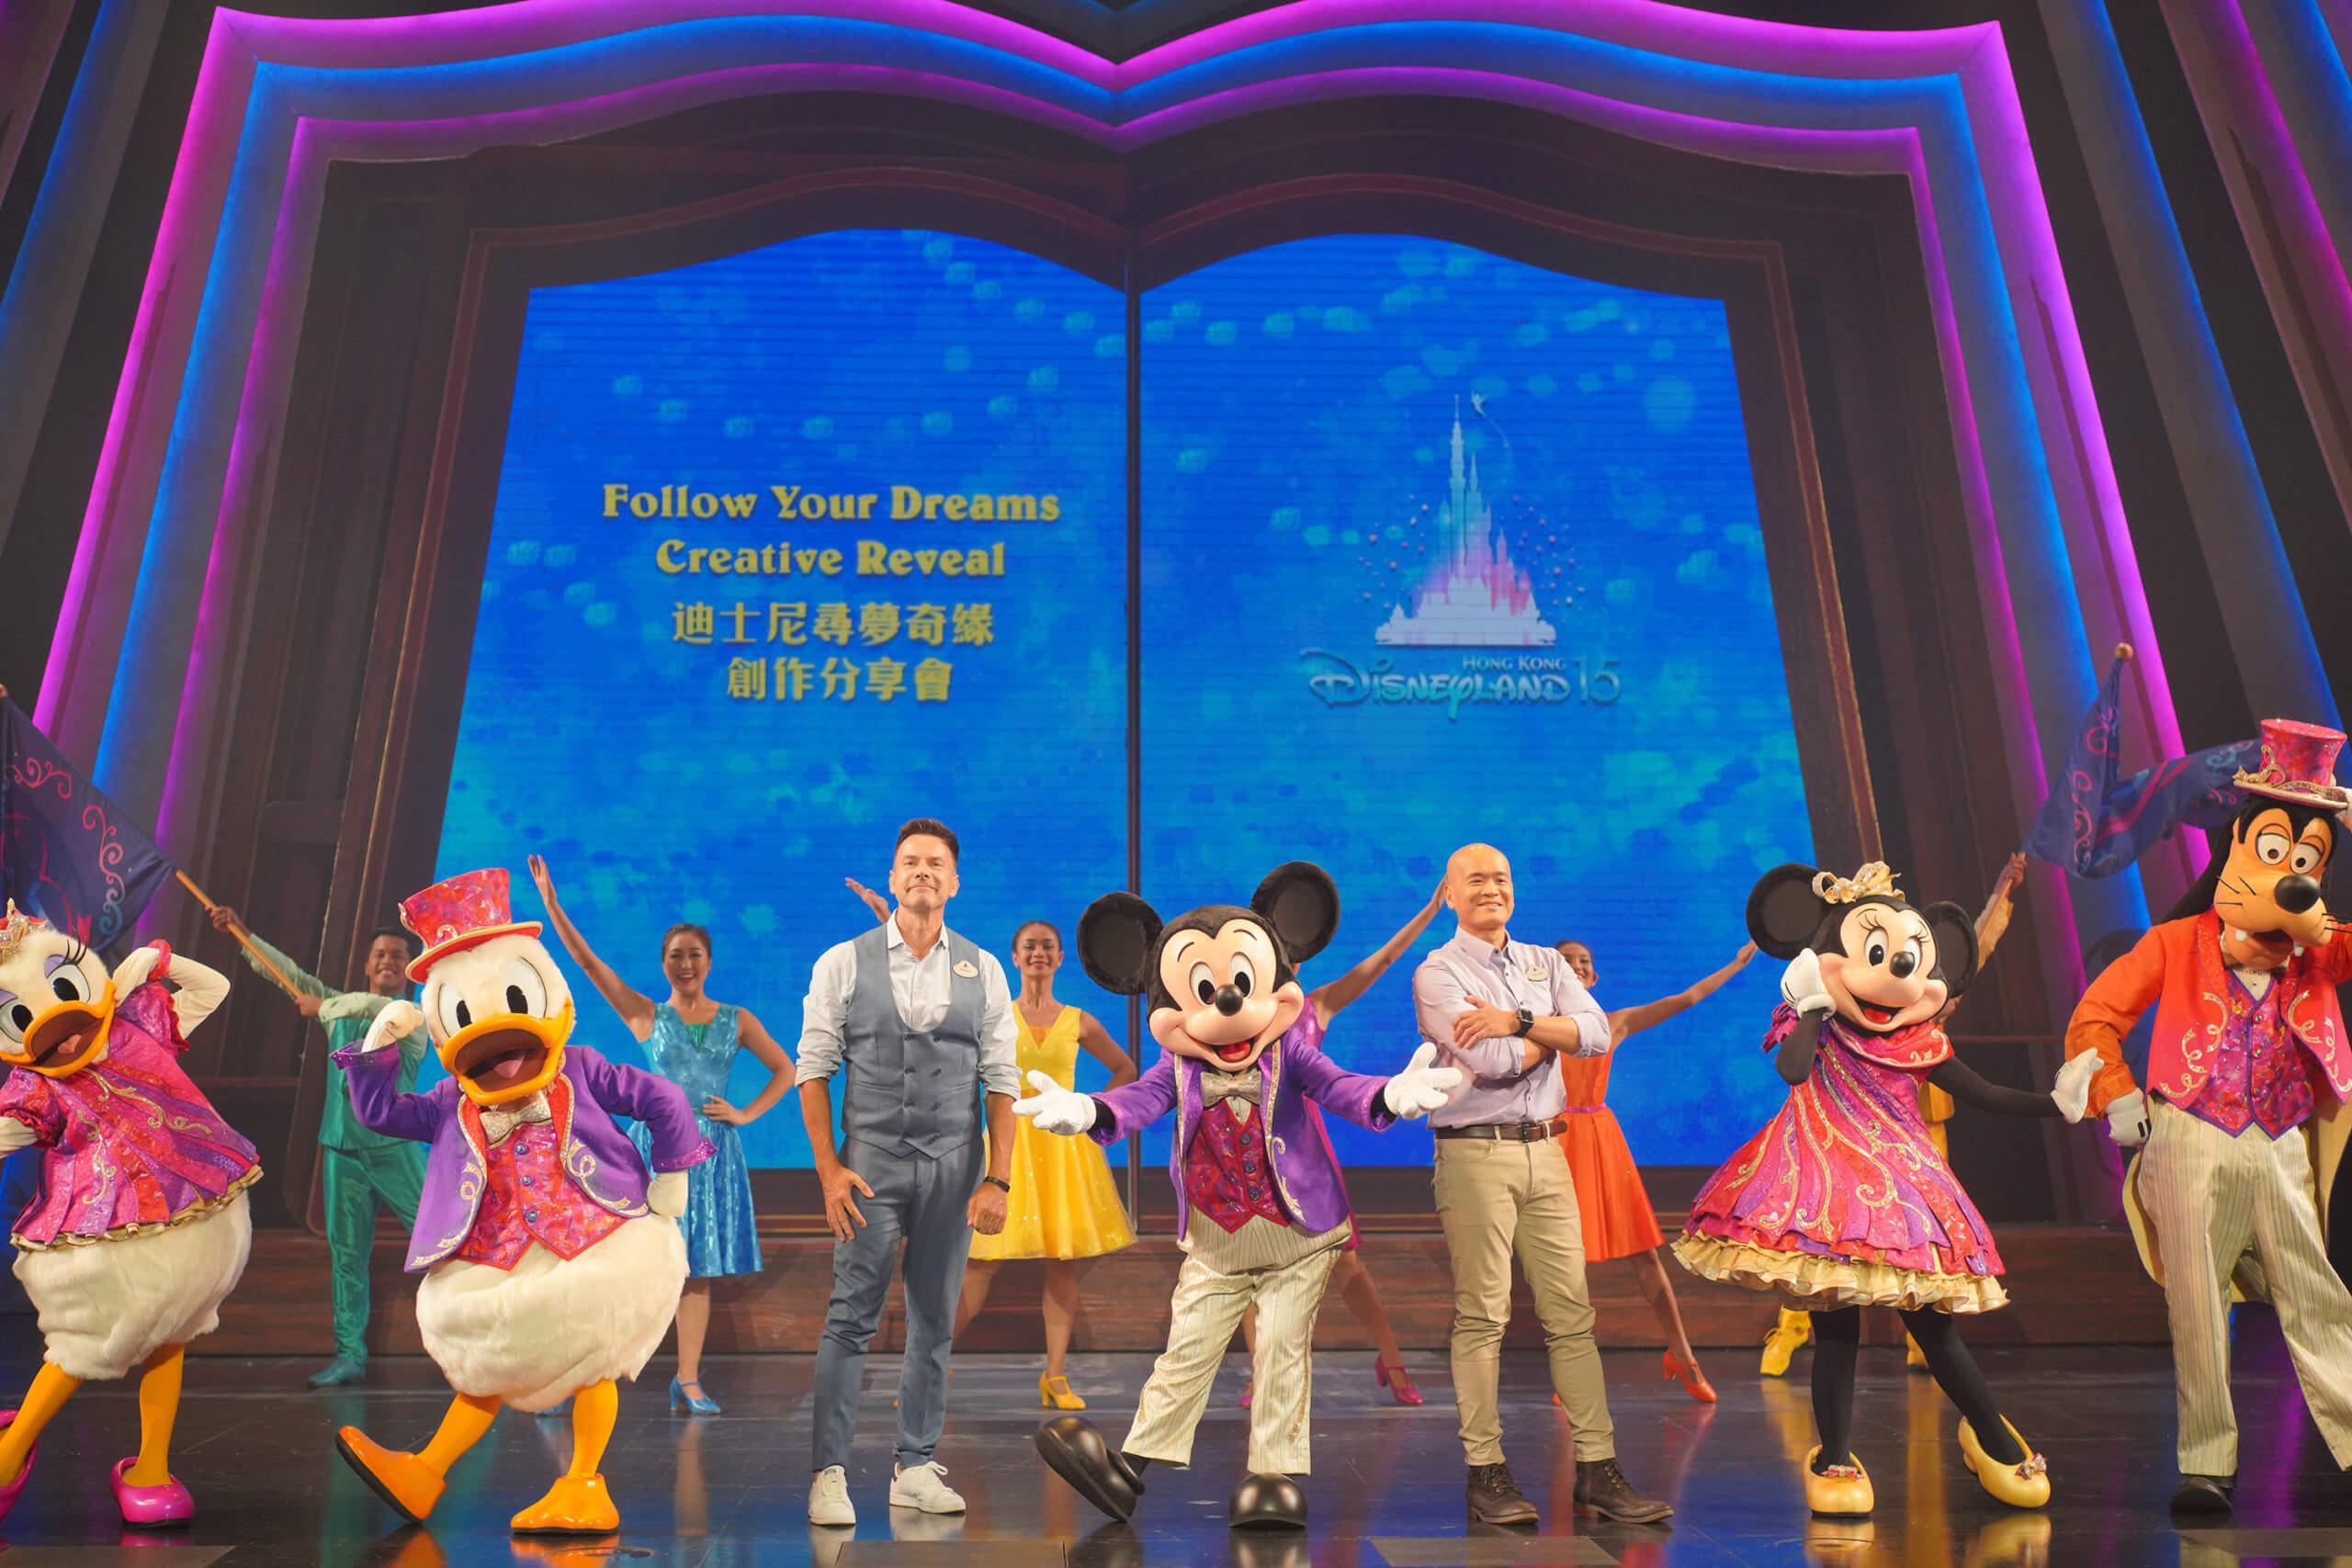 迪士尼娛樂事務及服裝部創作總監Randy Wojcik及迪士尼娛樂事務及服裝部音樂總監 Ceejay Javier,分享《迪士尼尋夢奇緣》創作心得。